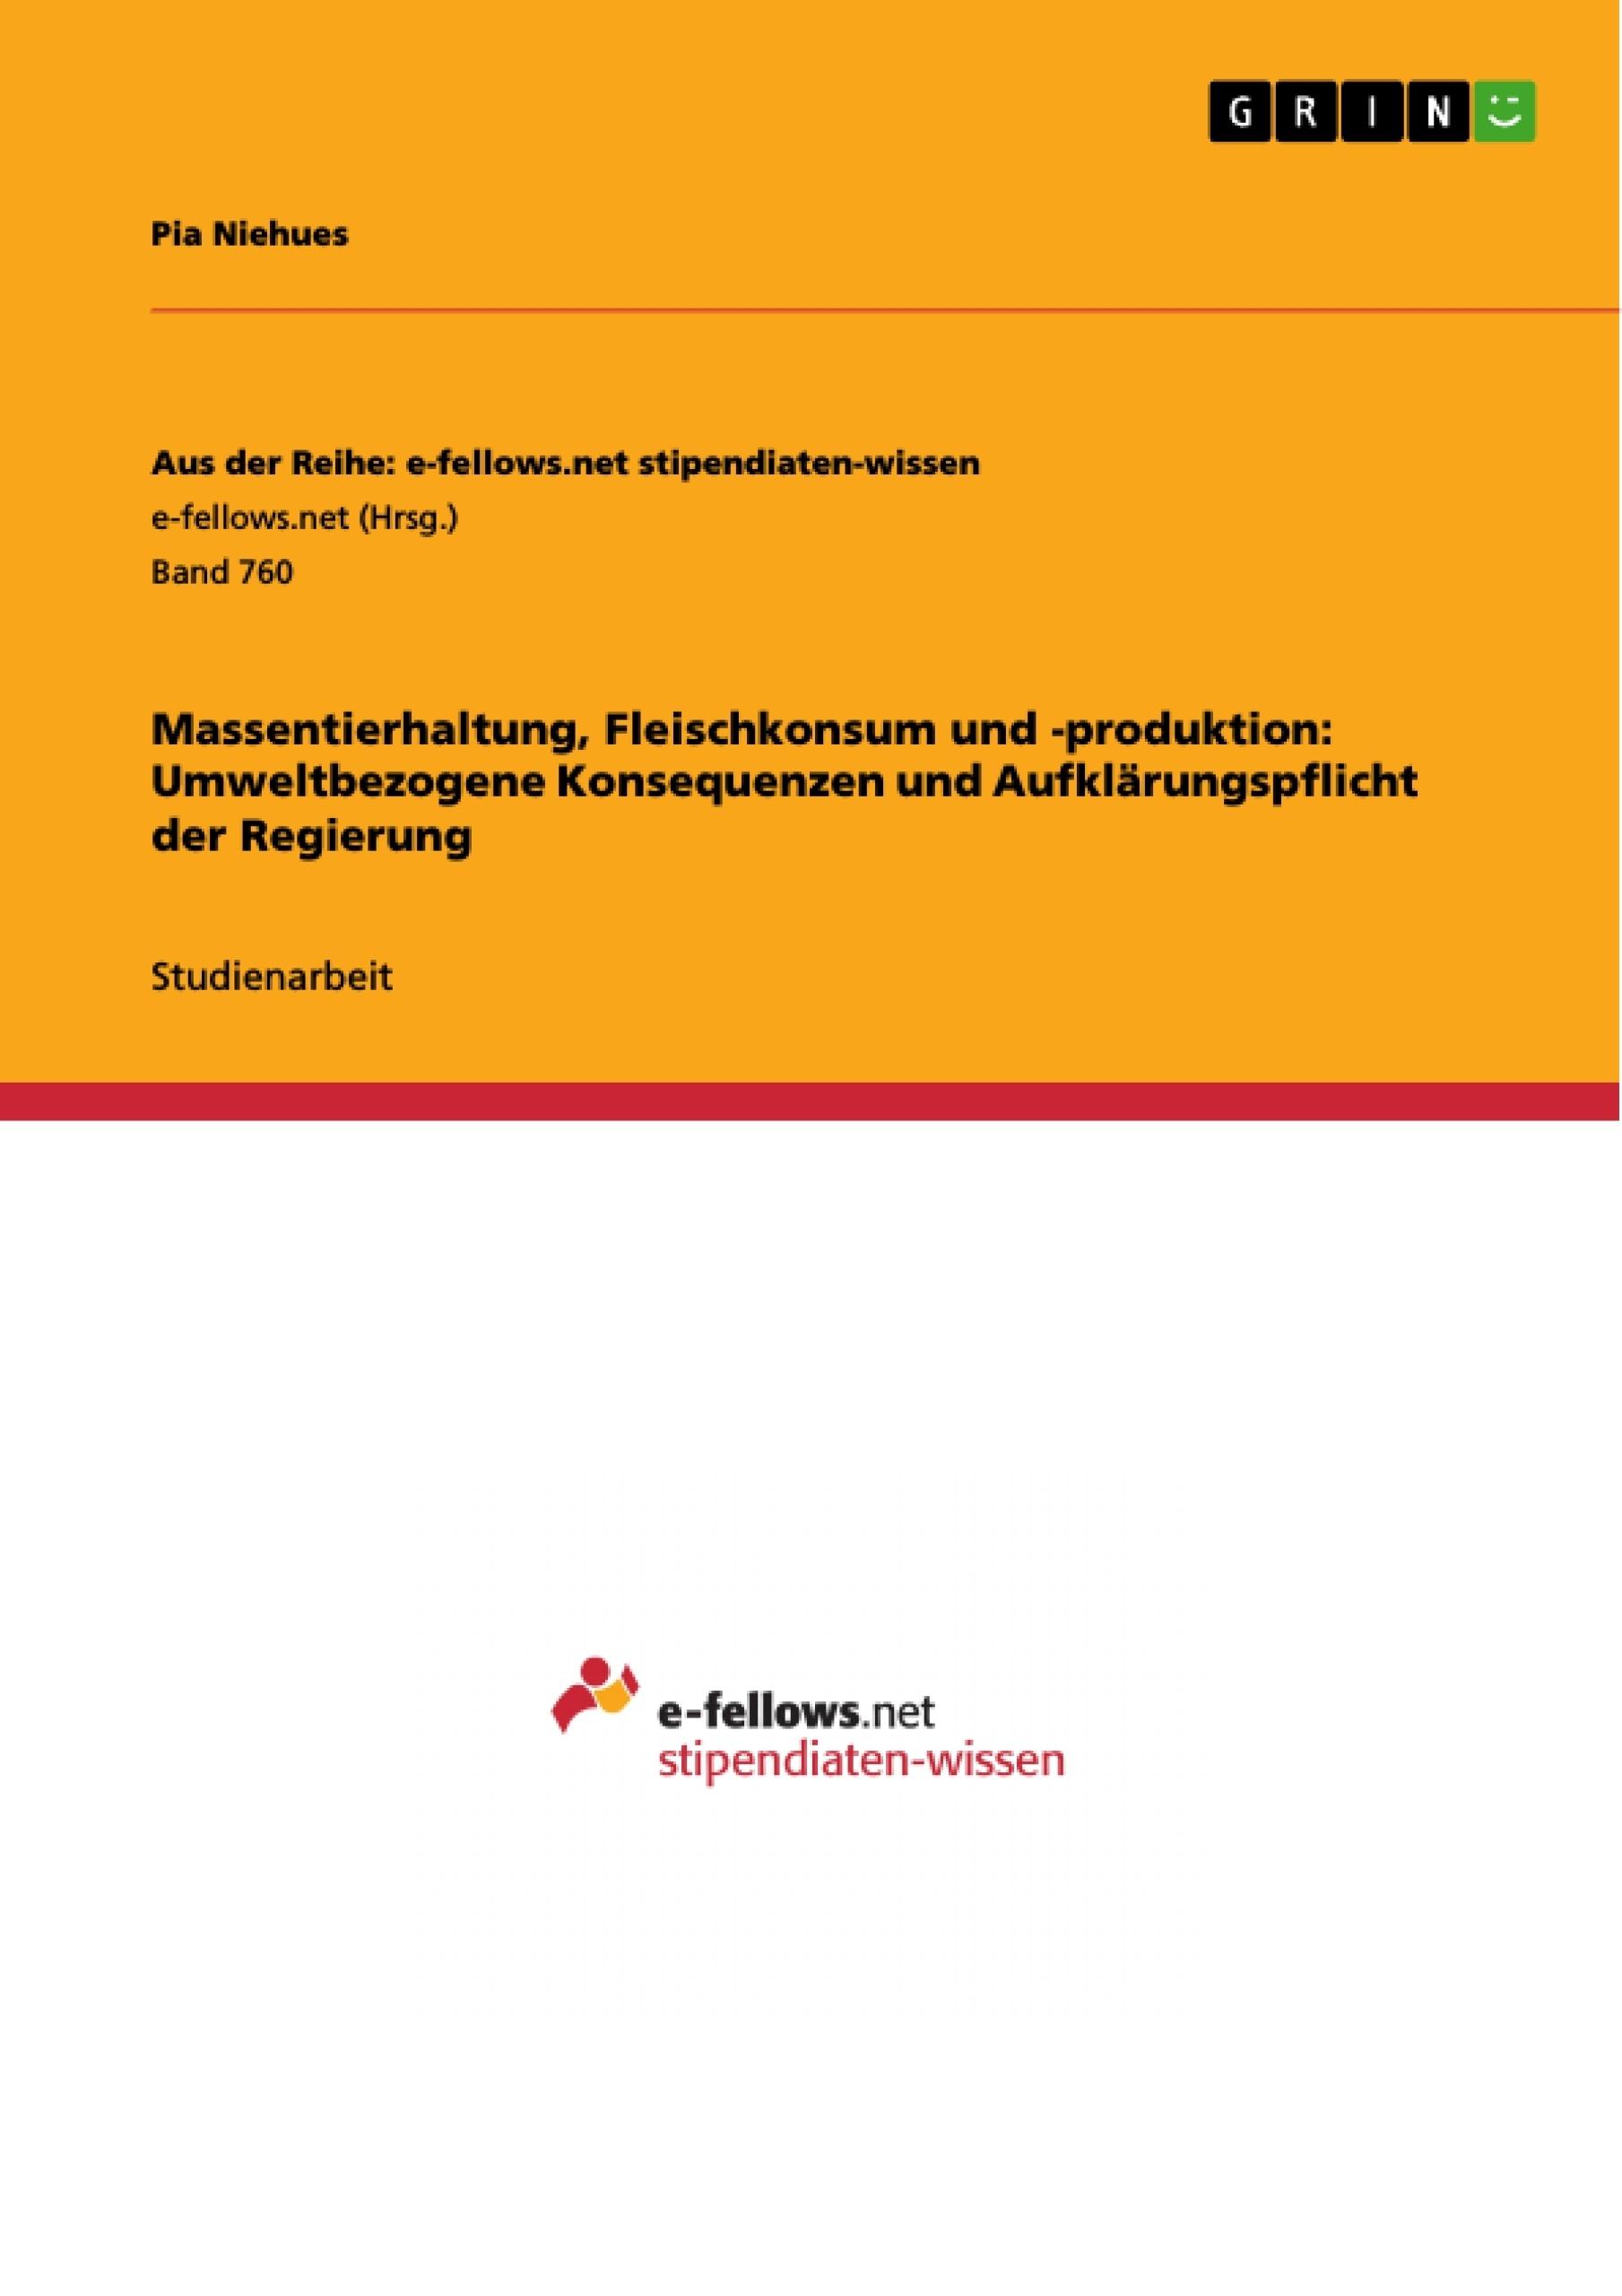 Titel: Massentierhaltung, Fleischkonsum und -produktion: Umweltbezogene Konsequenzen und Aufklärungspflicht der Regierung